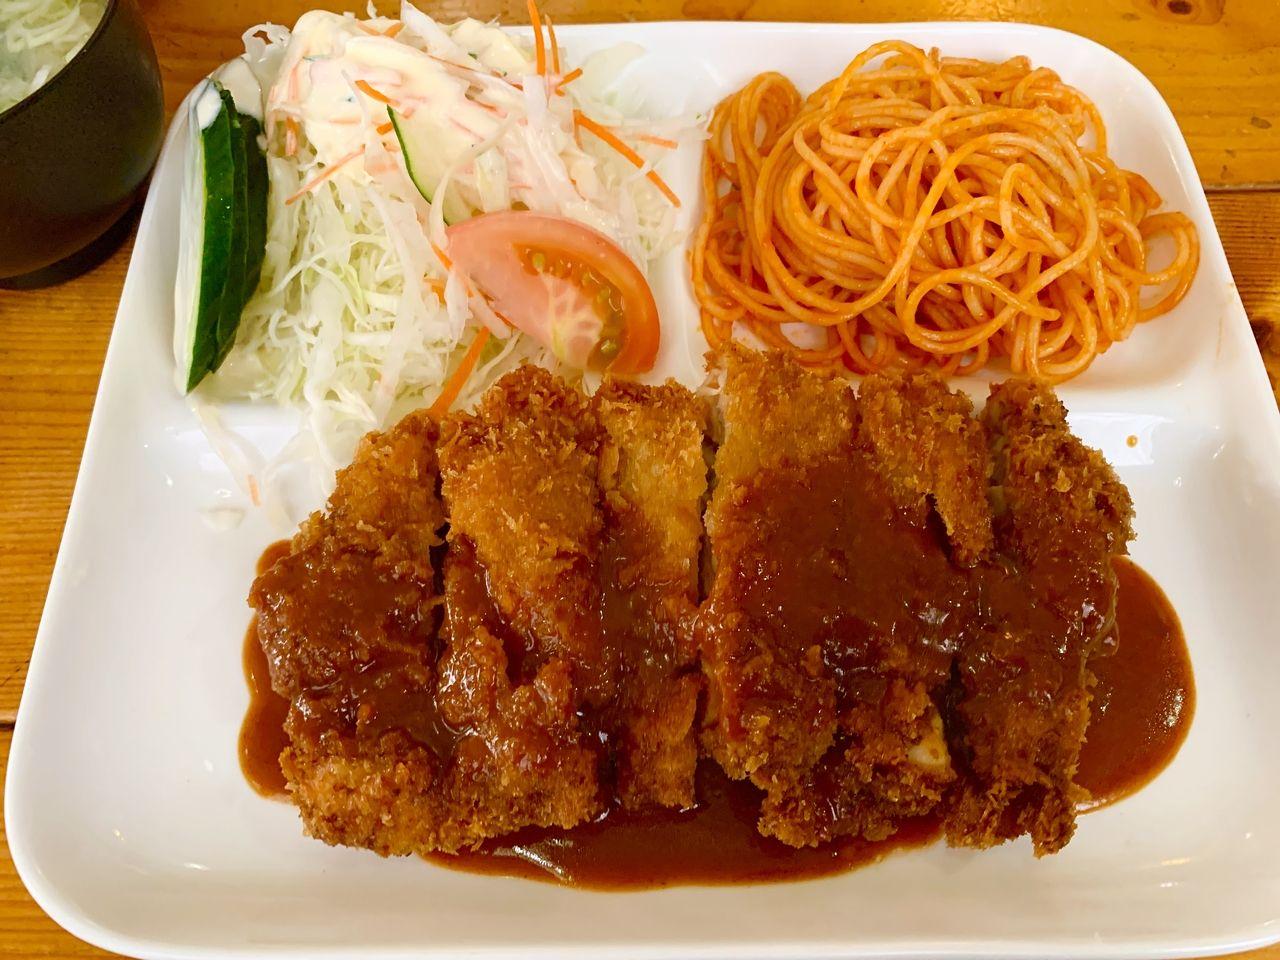 【三郷市食べ歩きブログ】三郷市高州2丁目にあります昔ながらの洋食屋さん「ル・ポワル」へ行ってきました!